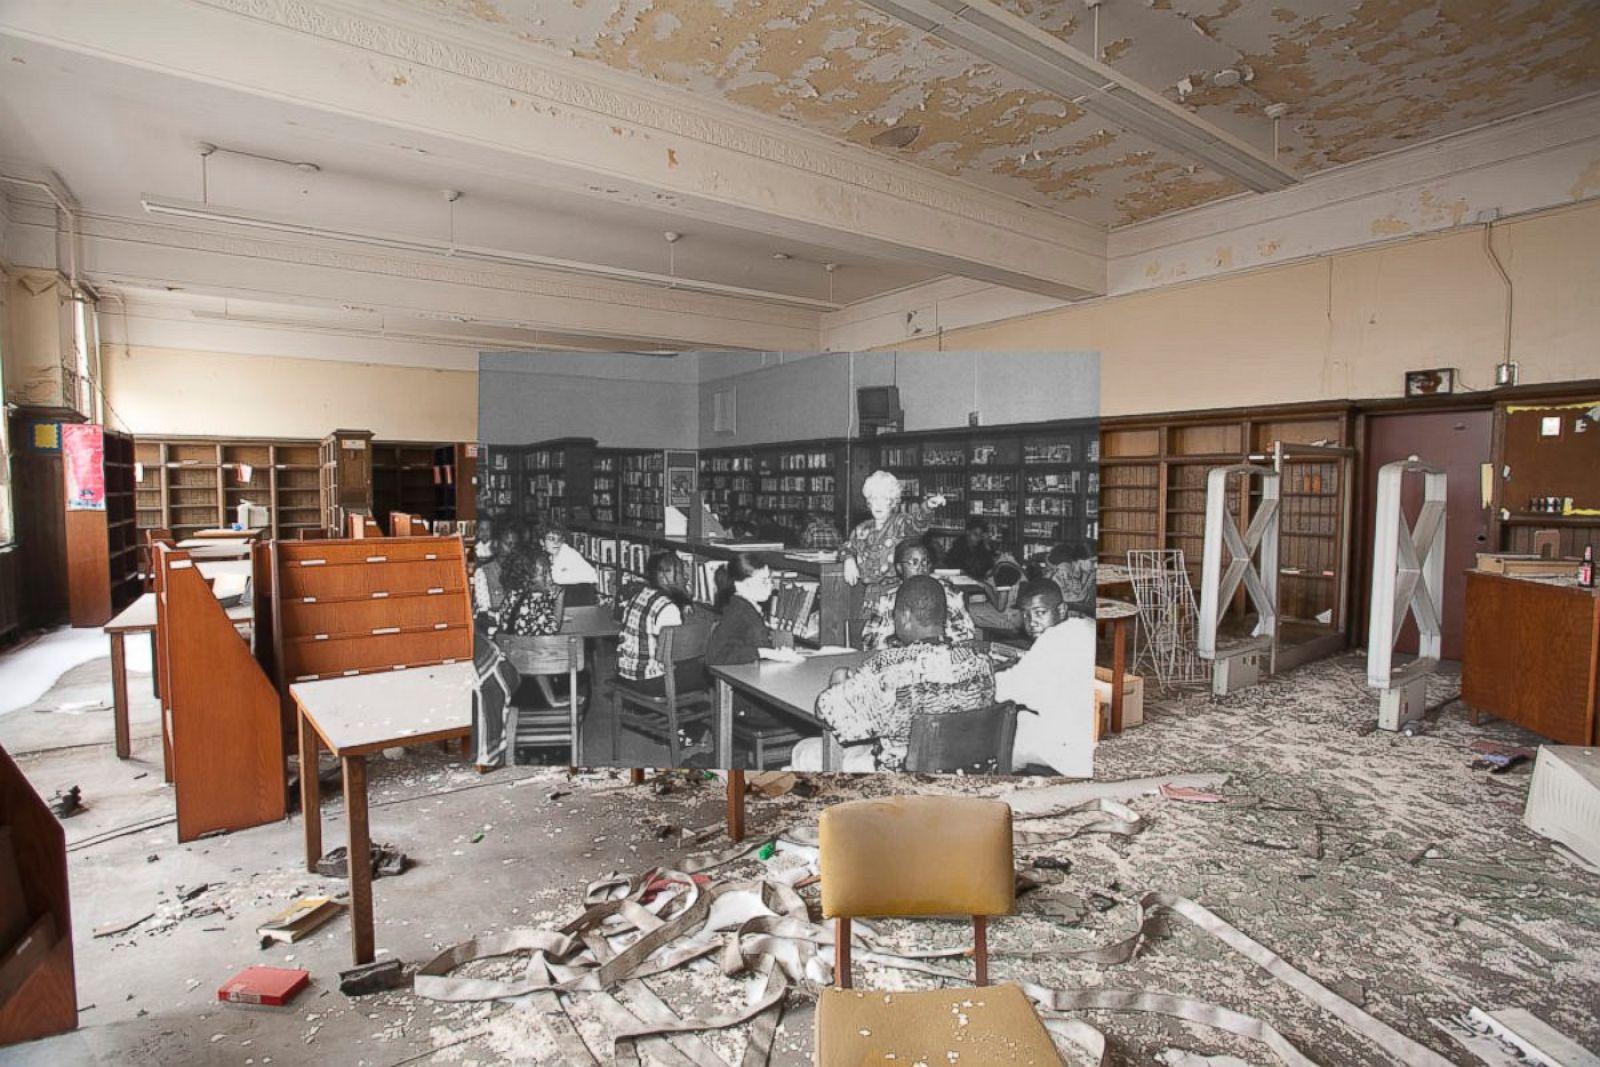 detroit photo essay abandoned